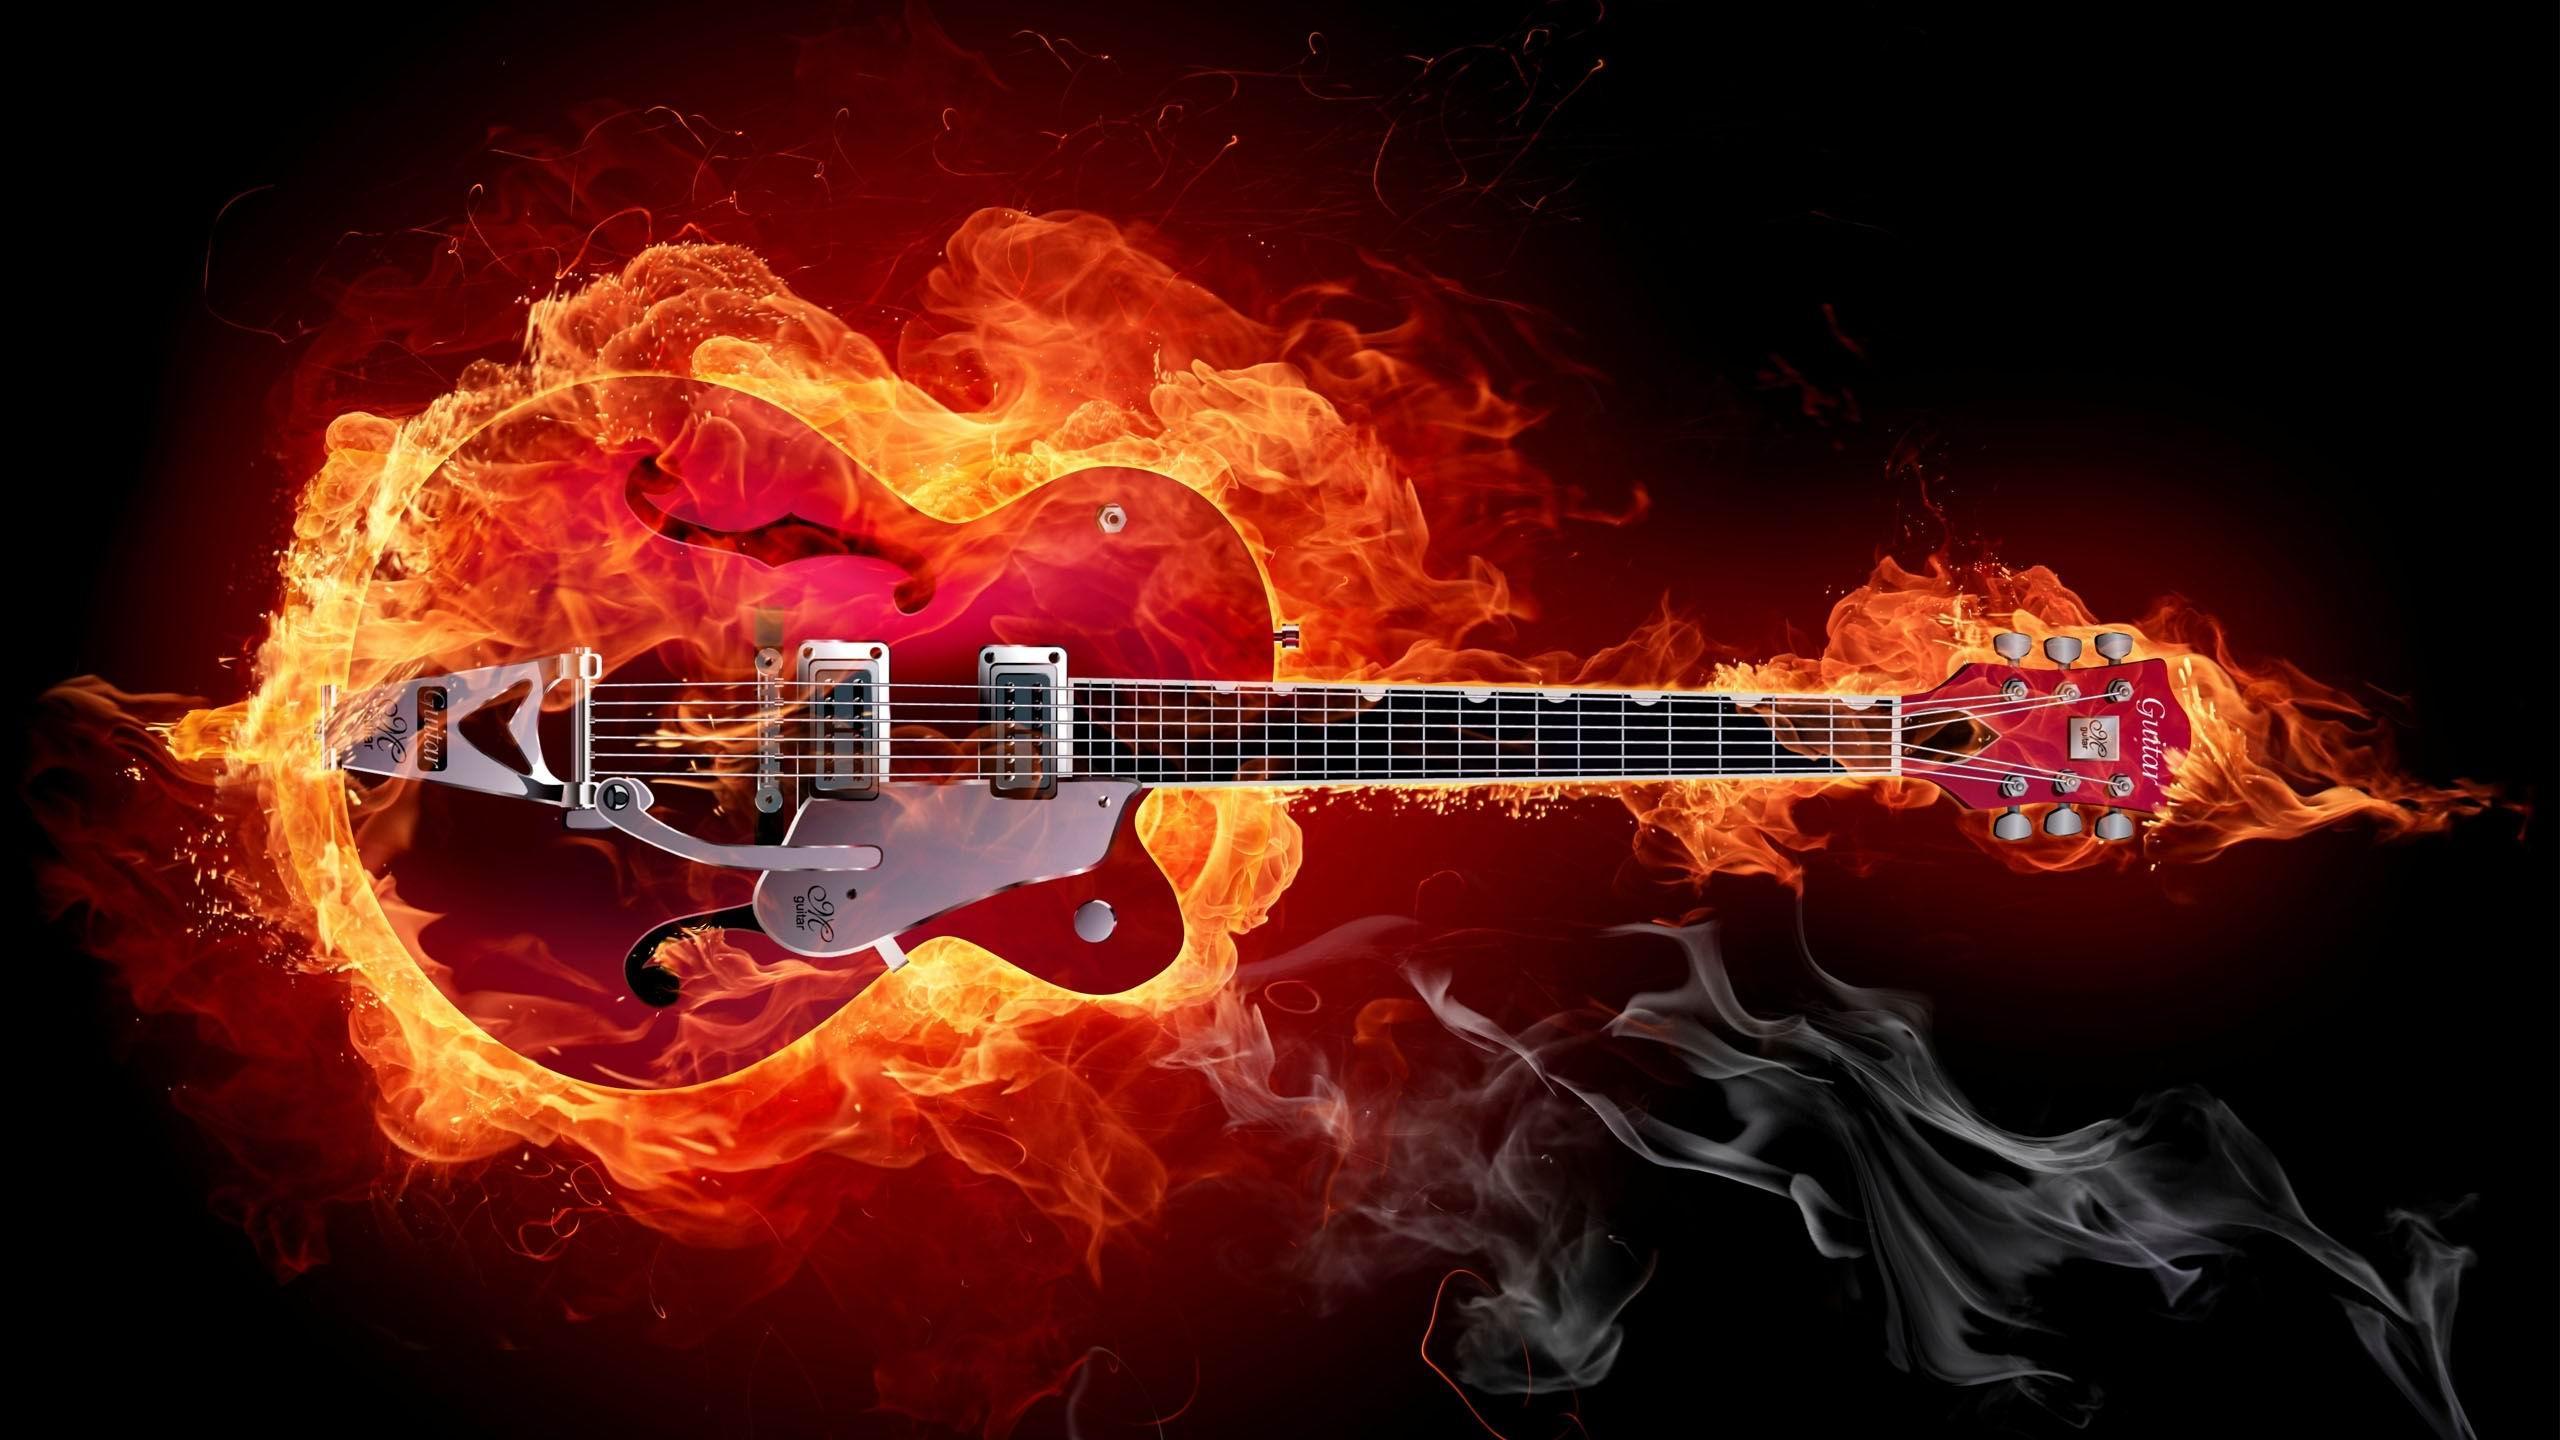 Download Wallpaper Music Guitar - a-guitar-in-flames-rock-music-guitar-2560x1440  Image_894079.jpg